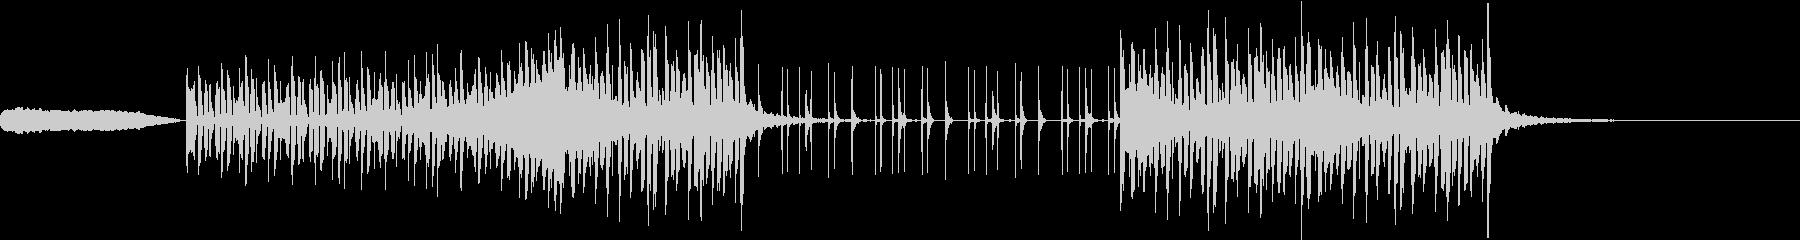 ハッチャケの未再生の波形